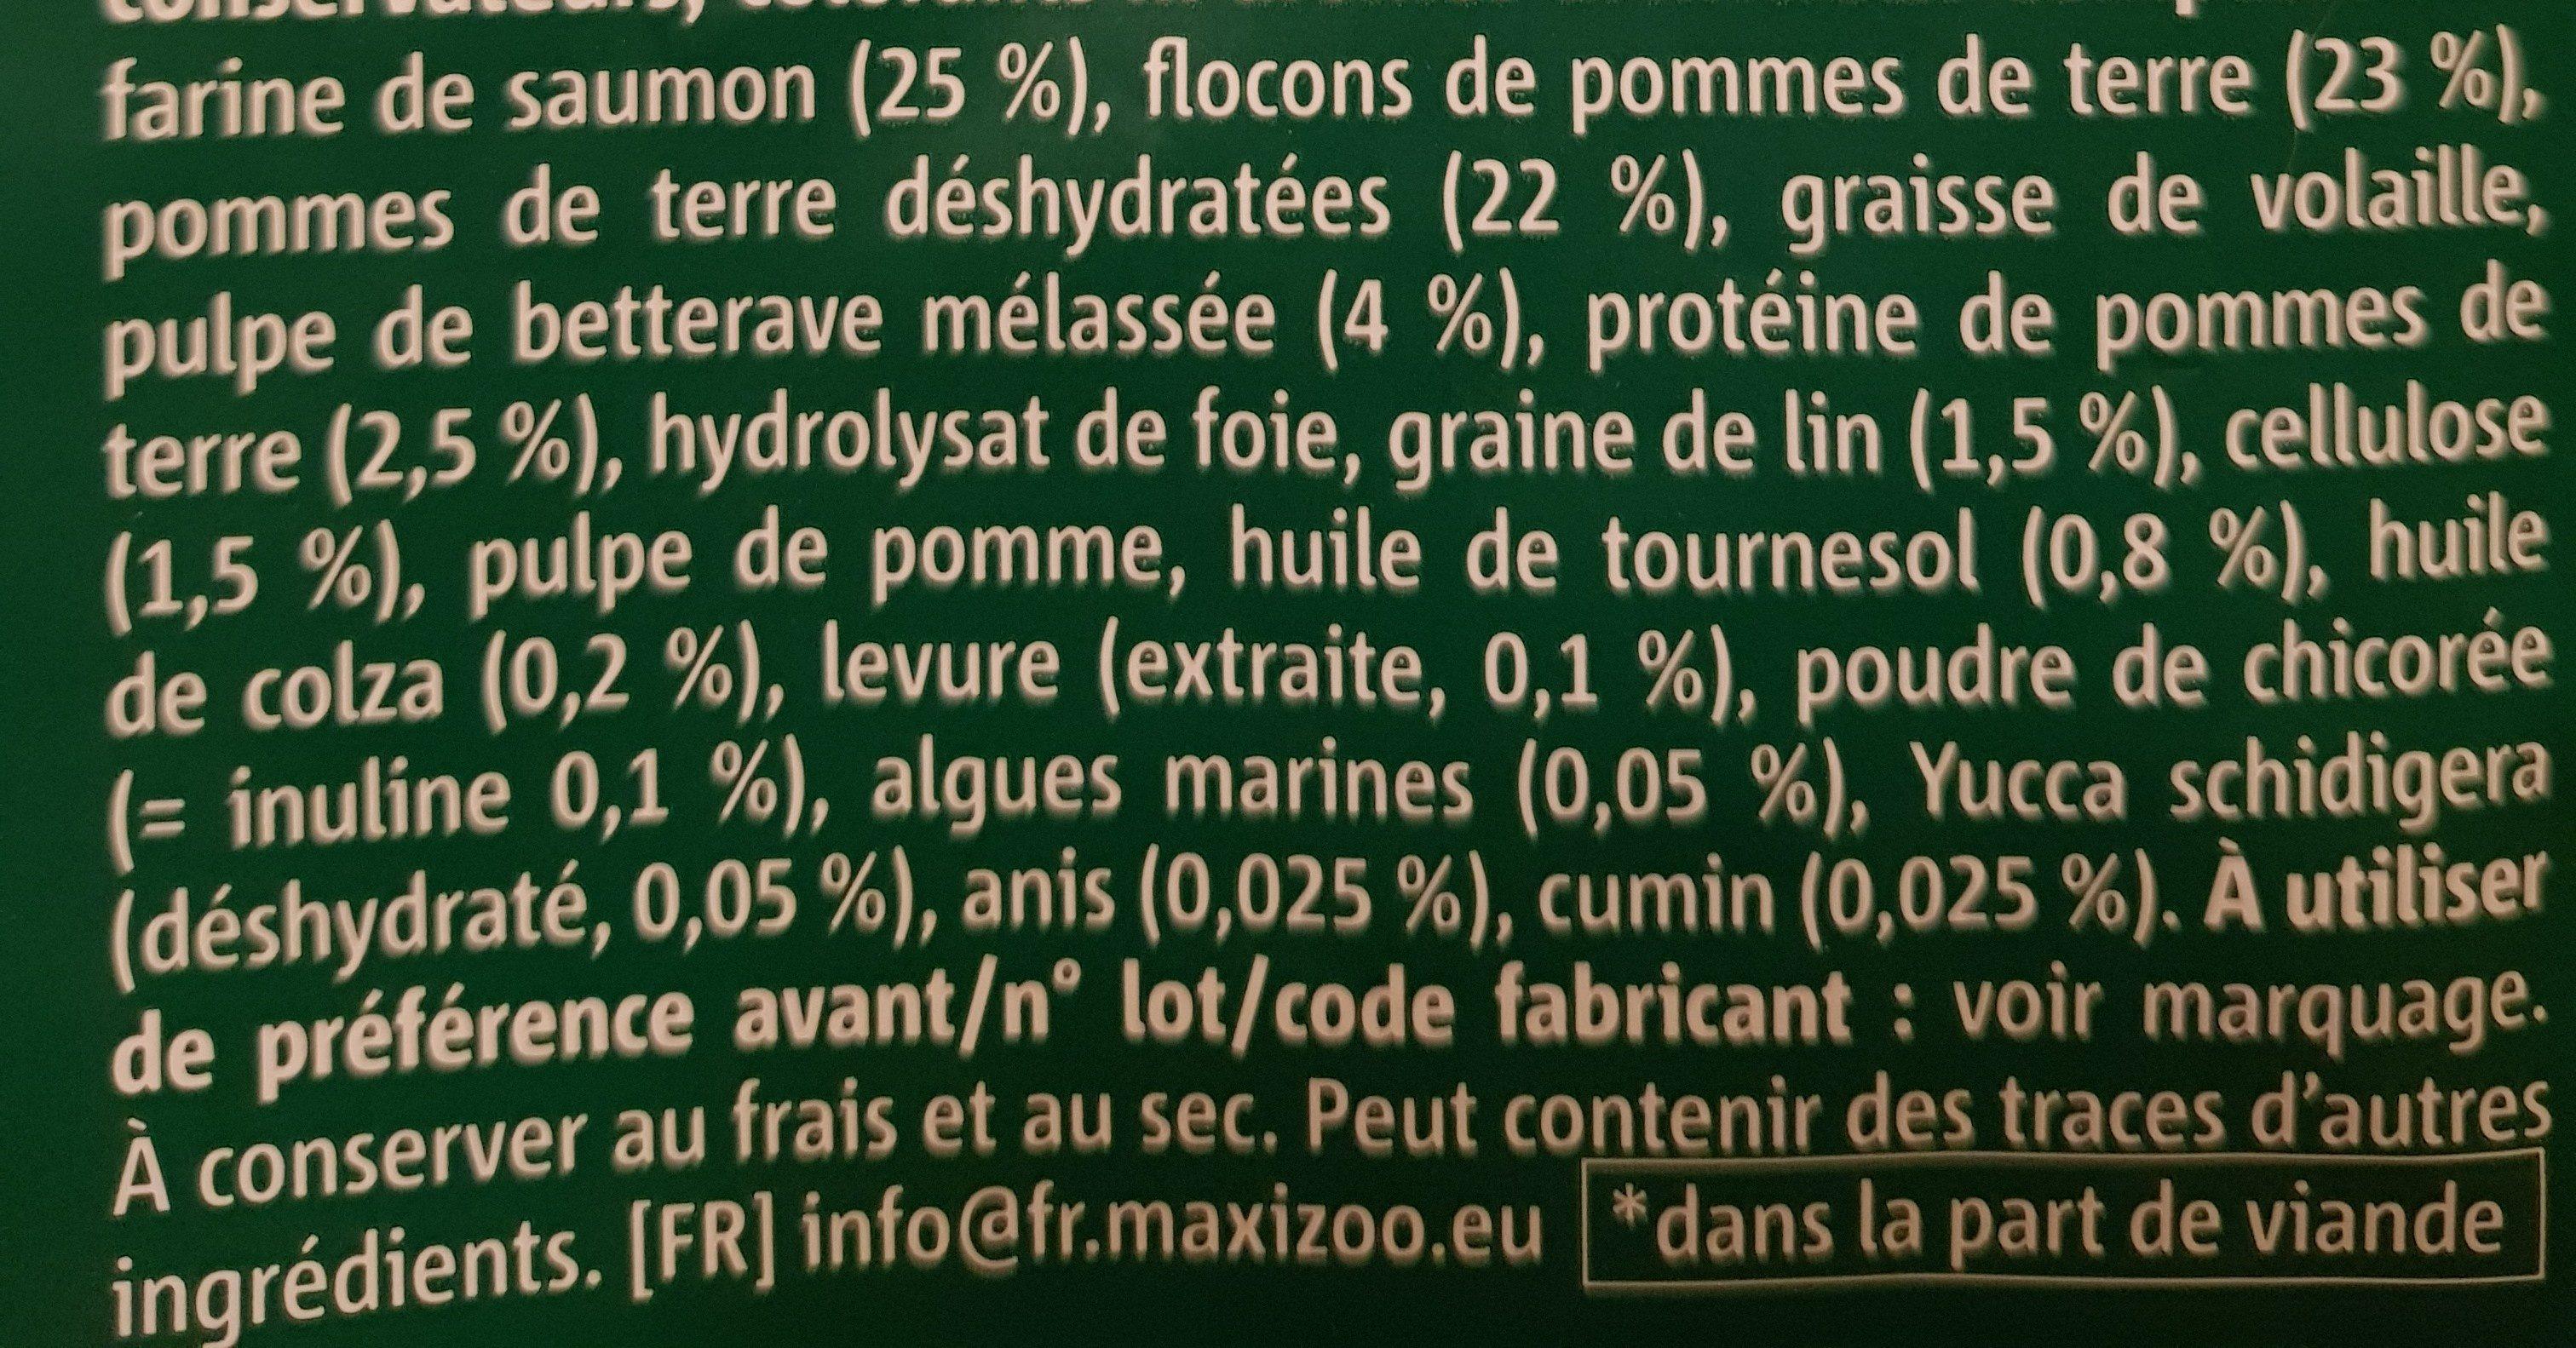 Select gold saumon et pomme de terre - Ingredients